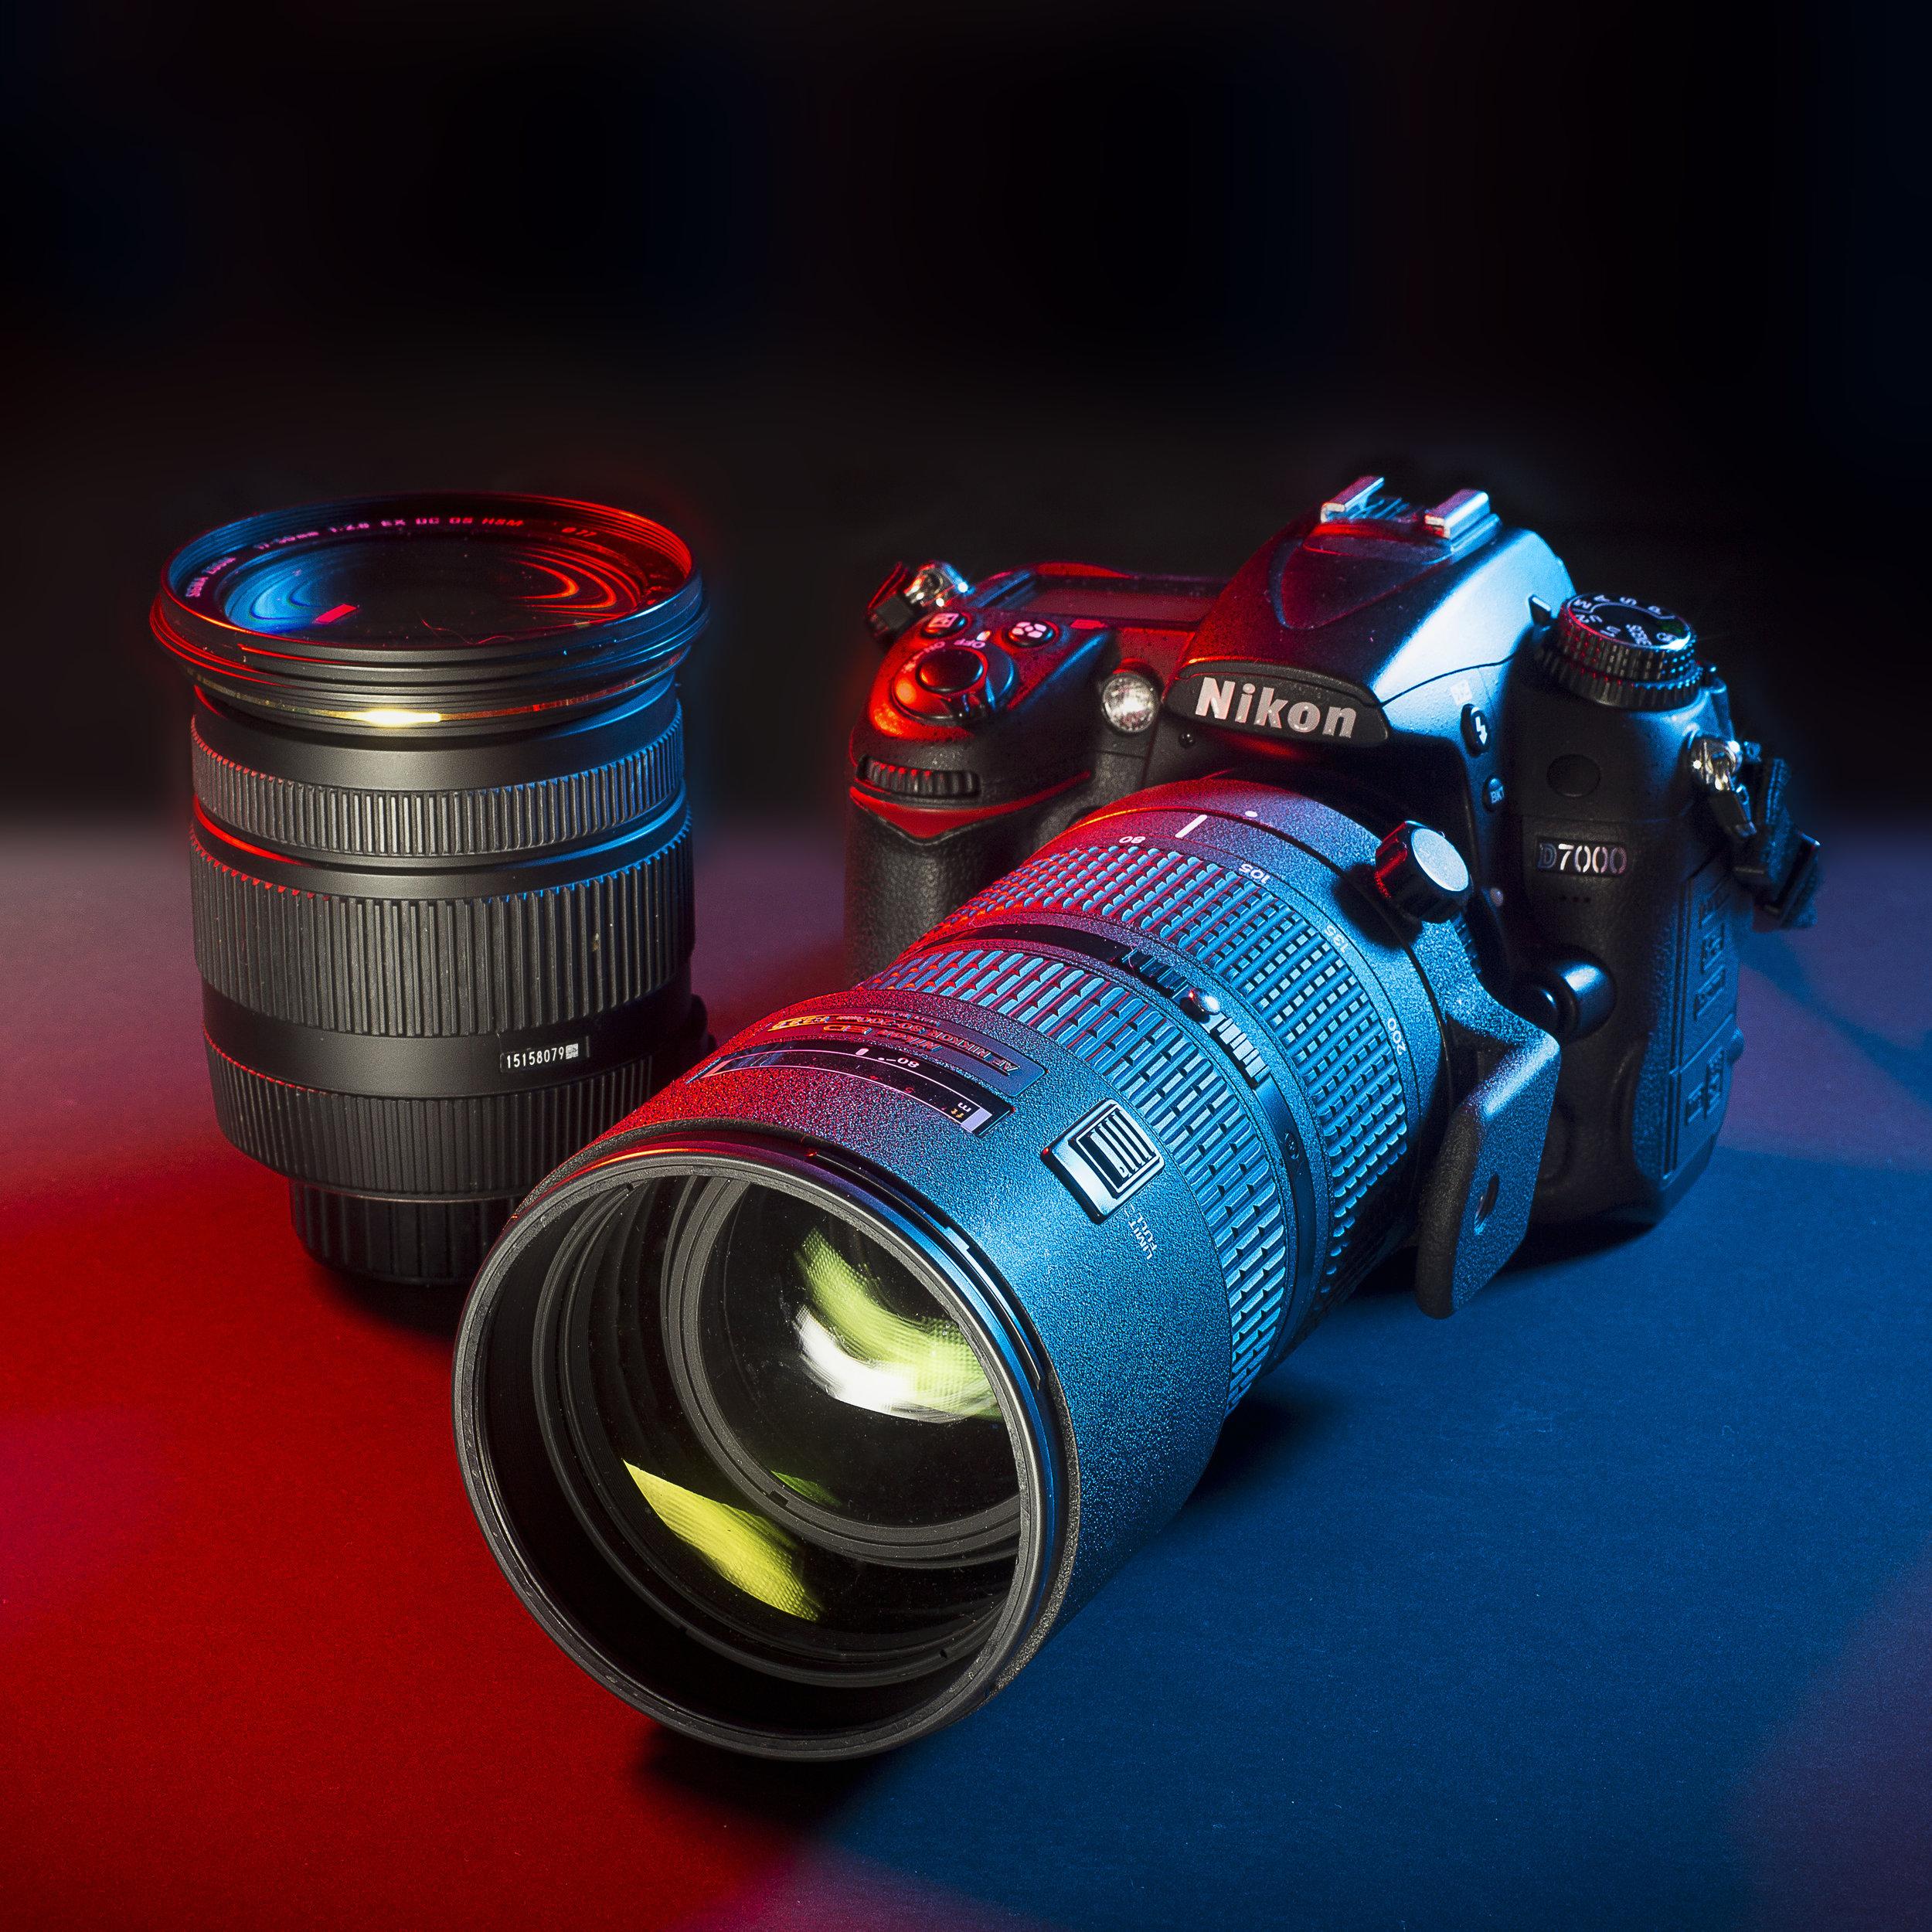 Il setup di  Sharon Gallo  per fotografare i concerti:  Nikon D7000 80-200mm f/2.8 17-50mm f/2.8